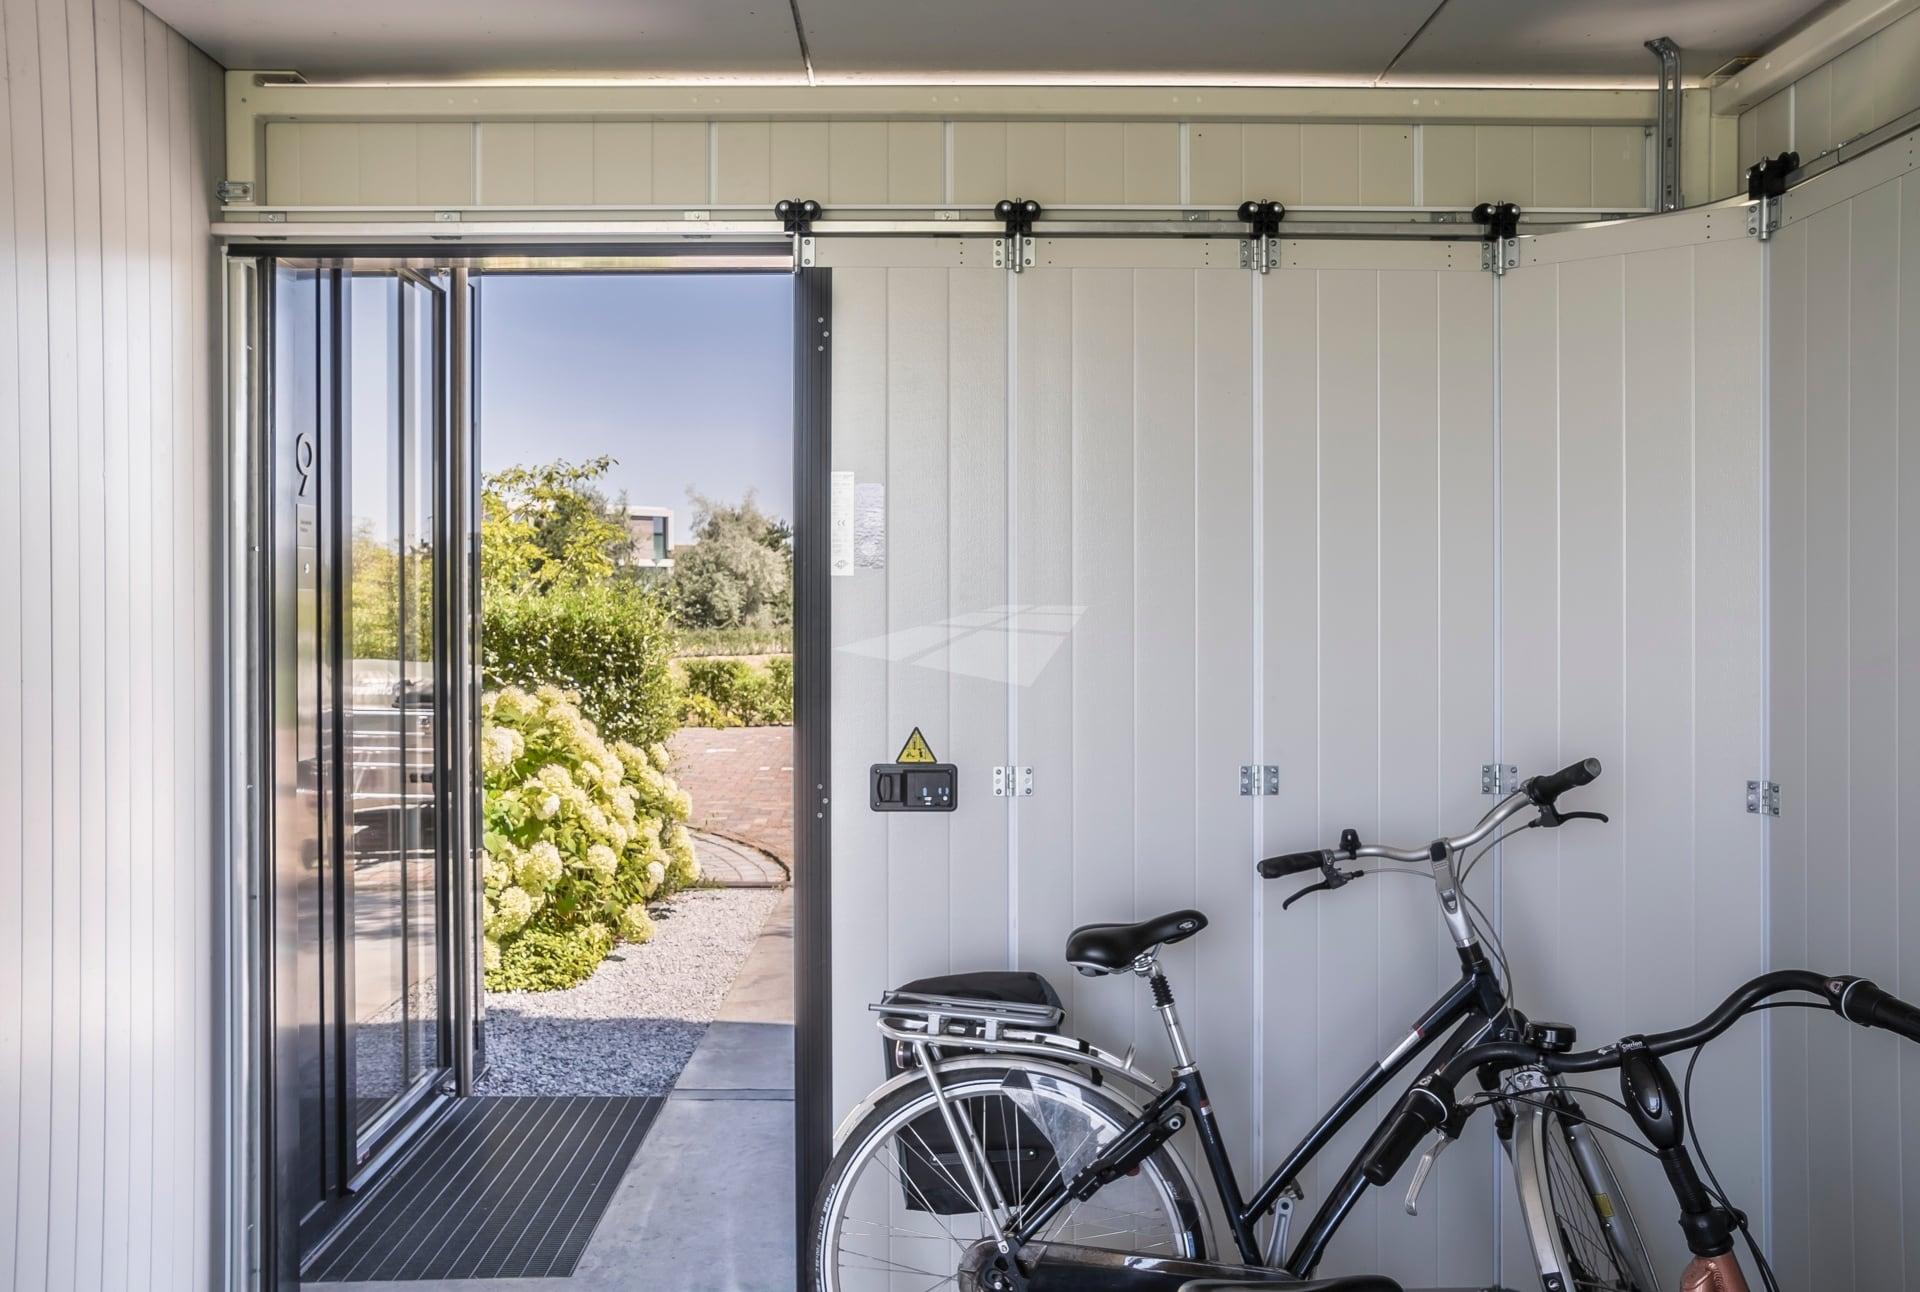 Select Windows kunststof kozijnen - Hörmann zijdelingse garagedeur elektrisch